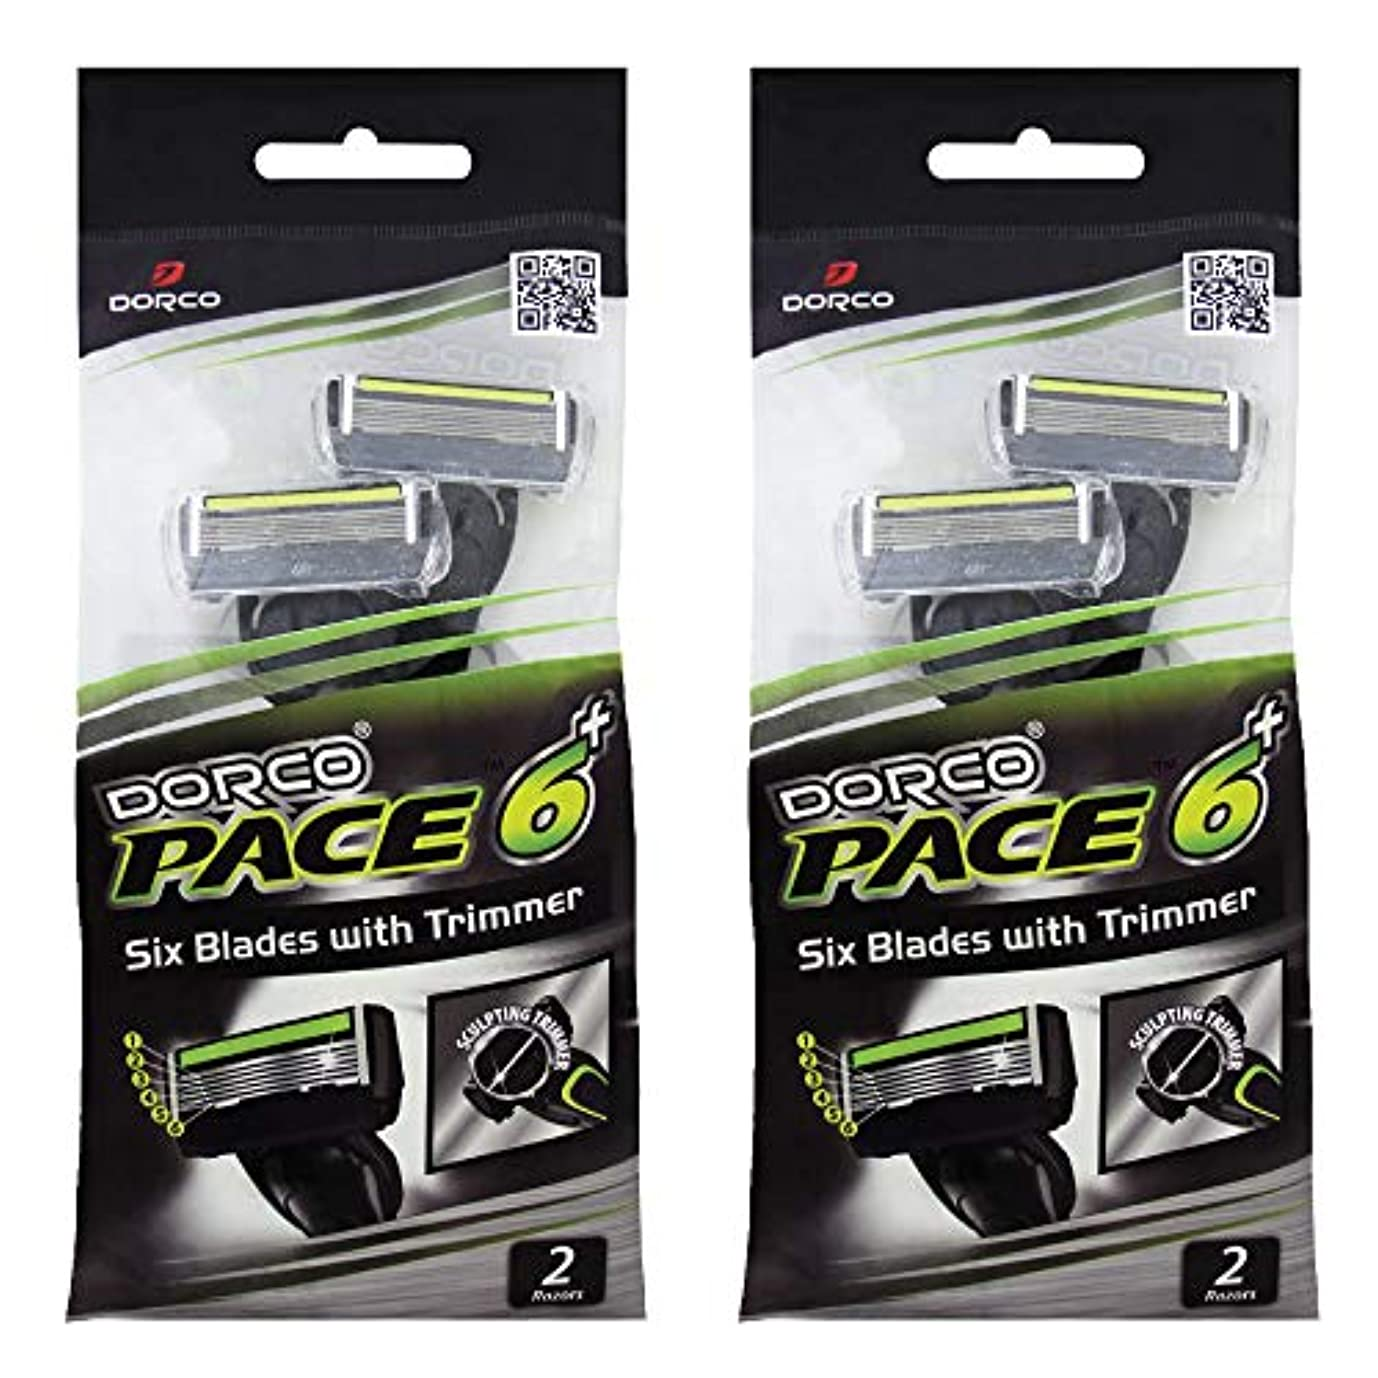 多様な遺棄されたラッカスドルコ Pace6 Plus 枚刃カミソリ トリマー付き:Dorco メンズT字シェーバー4本入り、使い捨て、肌に優しい深剃り [並行輸入品]